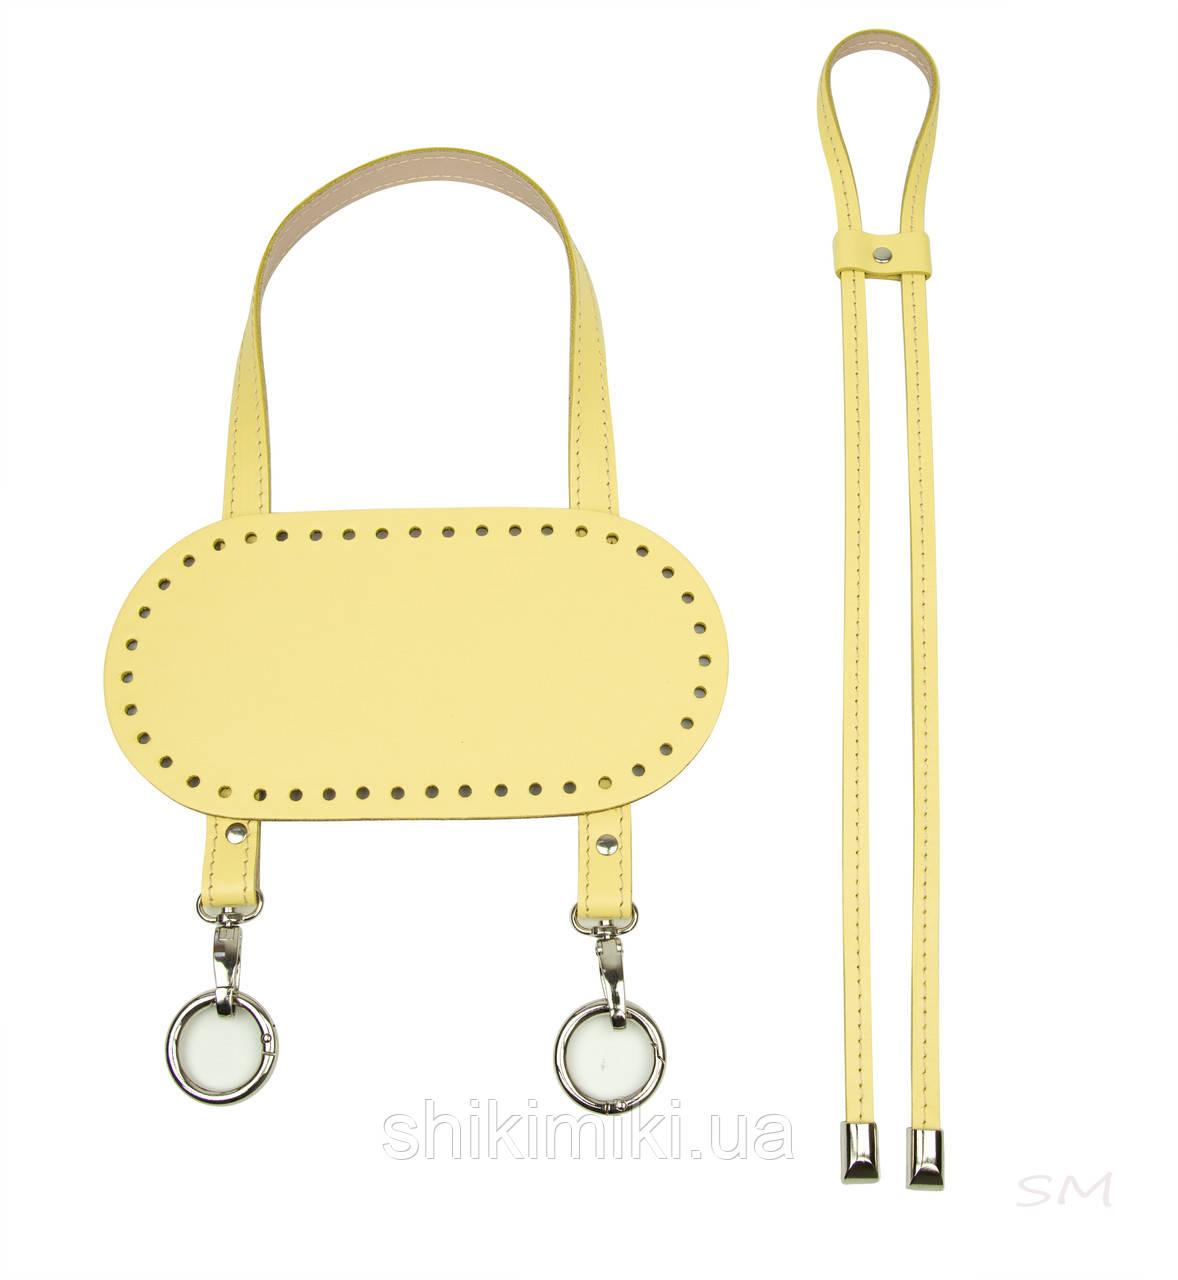 Комплект для сумки Торба з натуральної шкіри, колір банановий